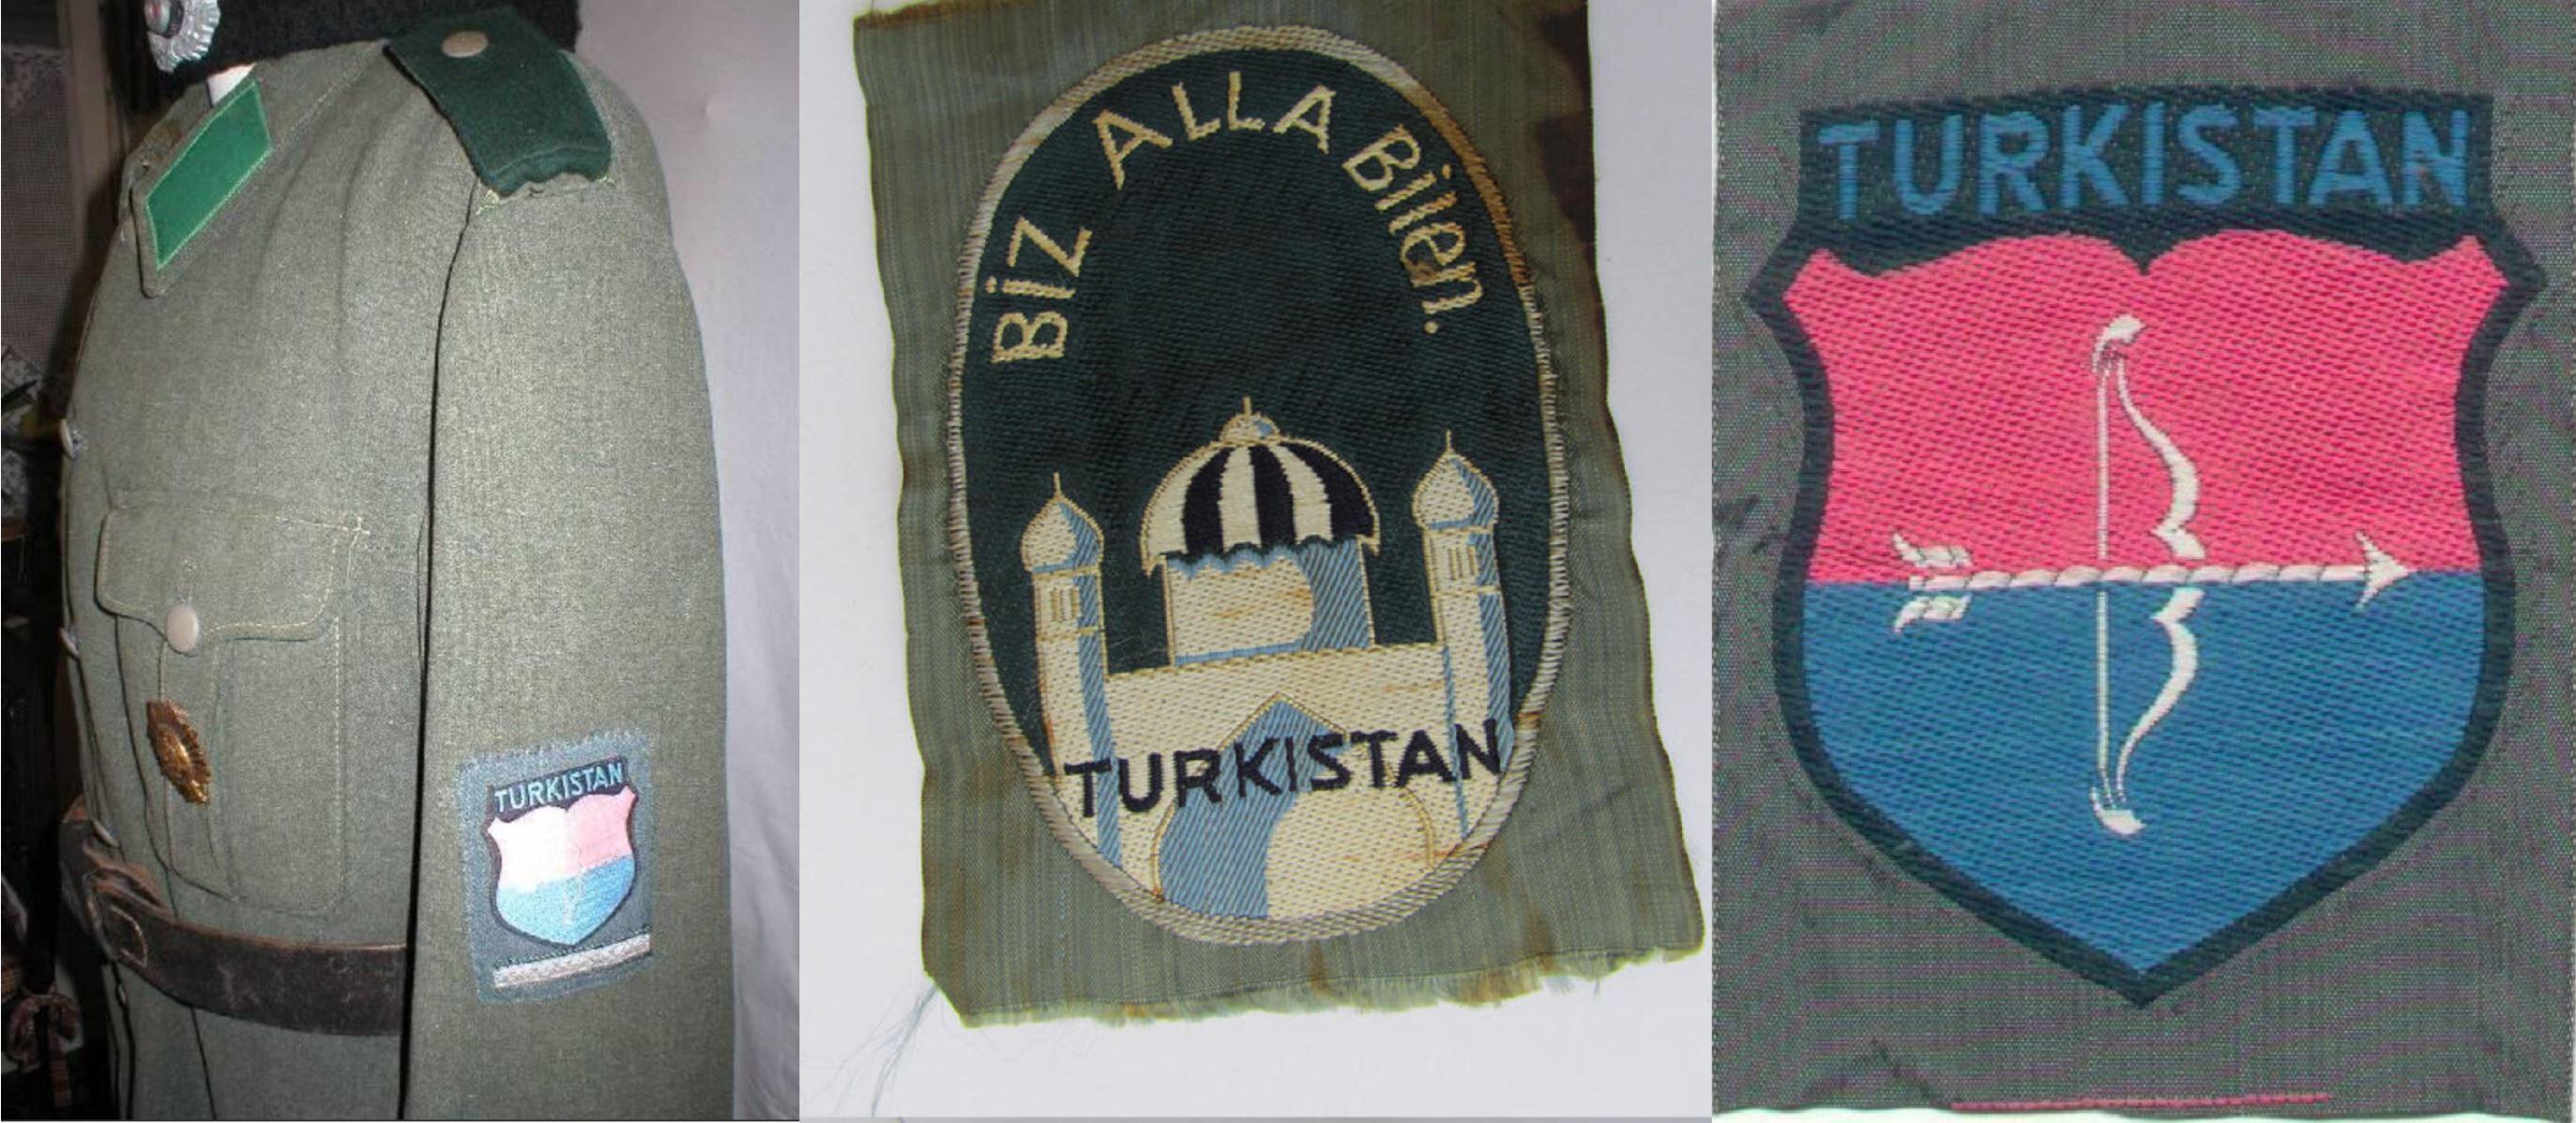 Türkistan Lejyonu üniforma ve üniforma kol şeritleri.